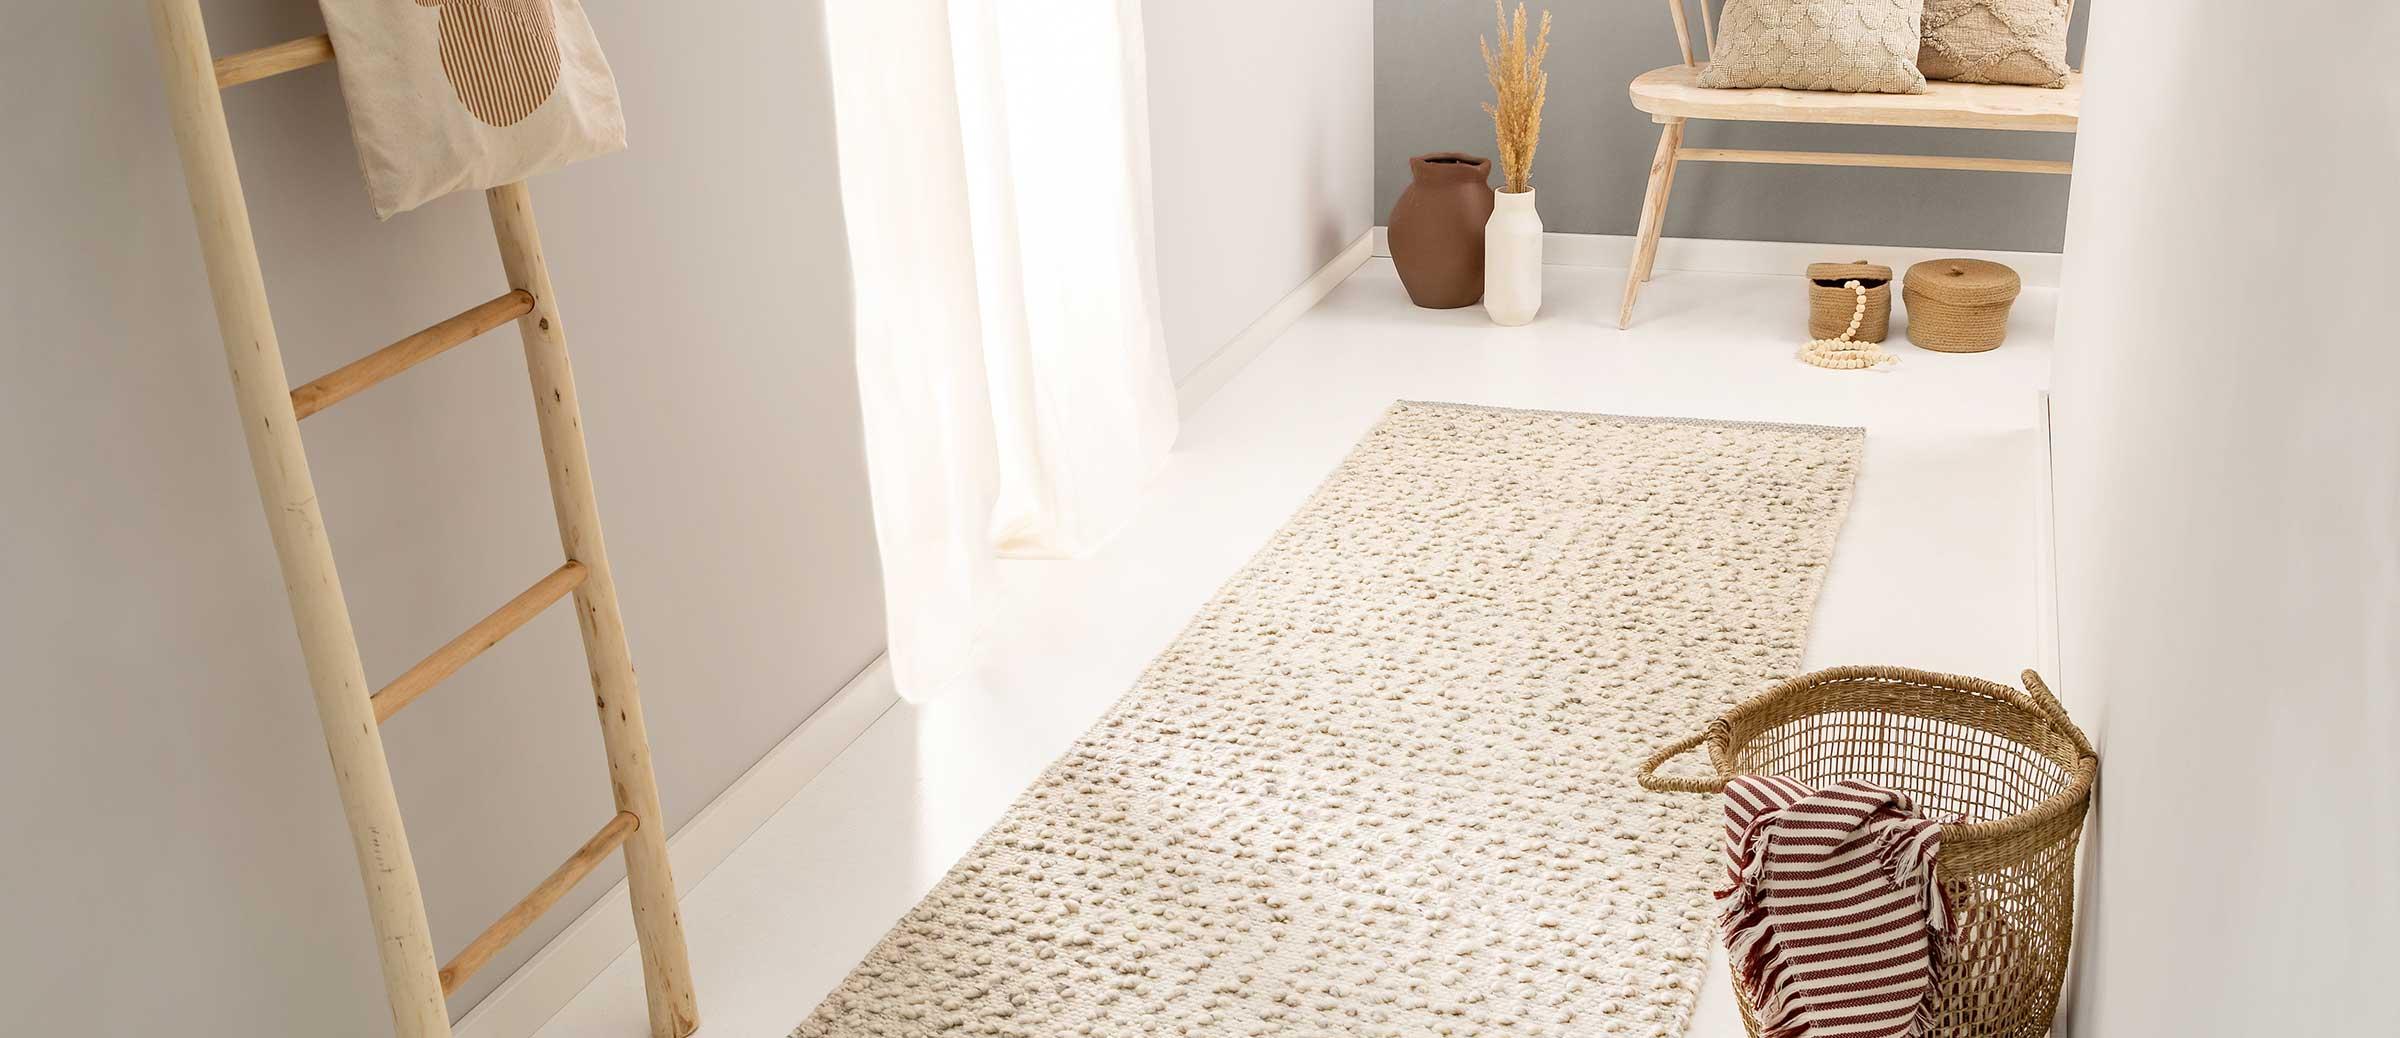 Full Size of Esstisch Rustikal Holz Oval Weiß Schlafzimmer Teppich 120x80 Eiche Massiv Shabby Chic Wohnzimmer Teppiche Mit Baumkante Weißer Günstig Antik Wildeiche Esstische Esstisch Teppich